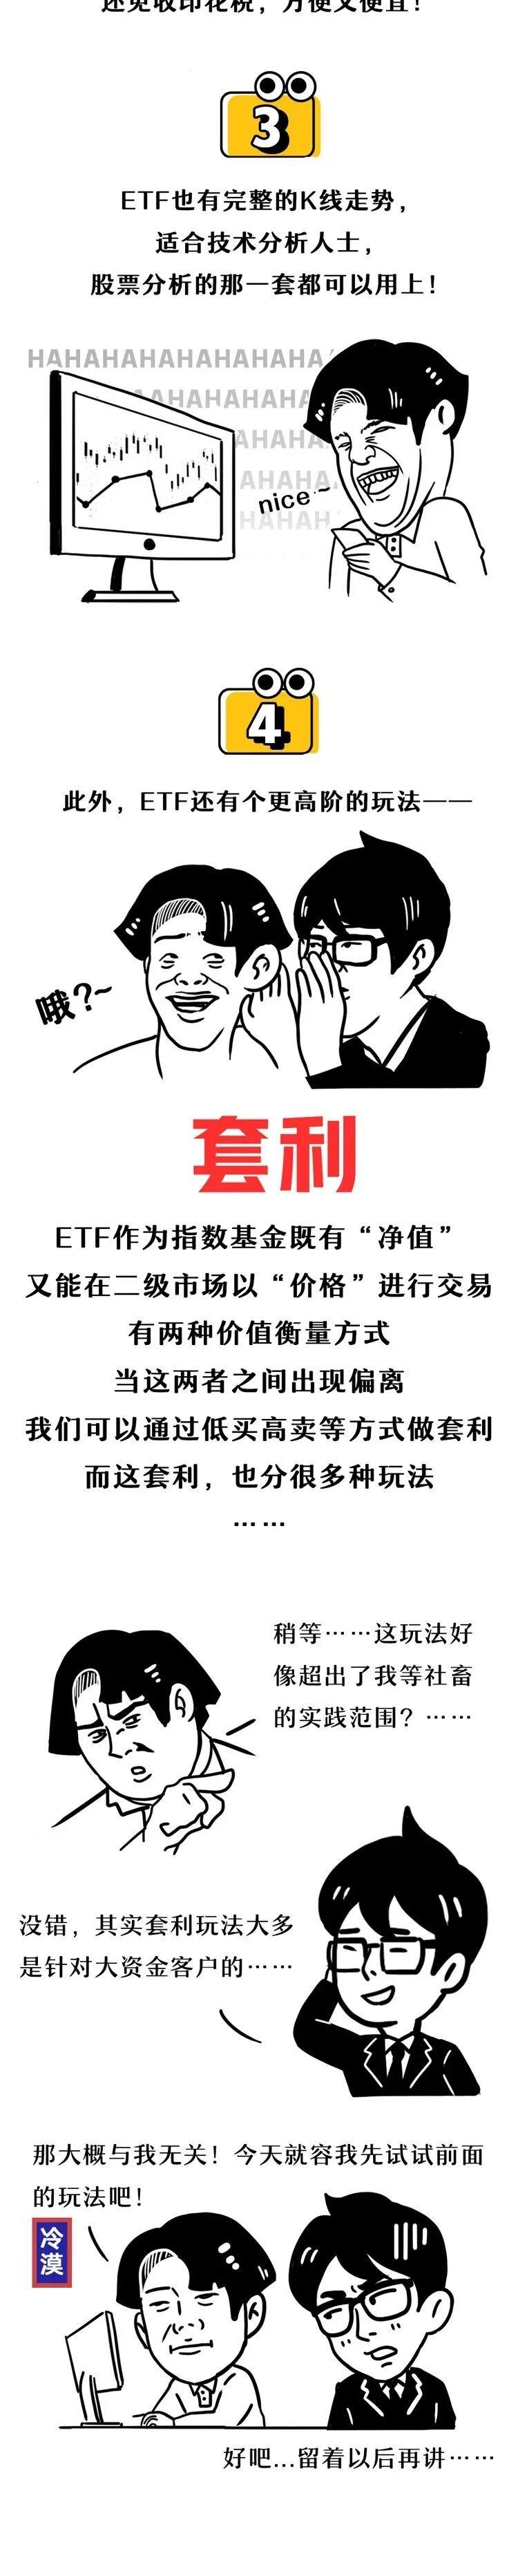 漫说ETF|ETF都是些神马玩法?